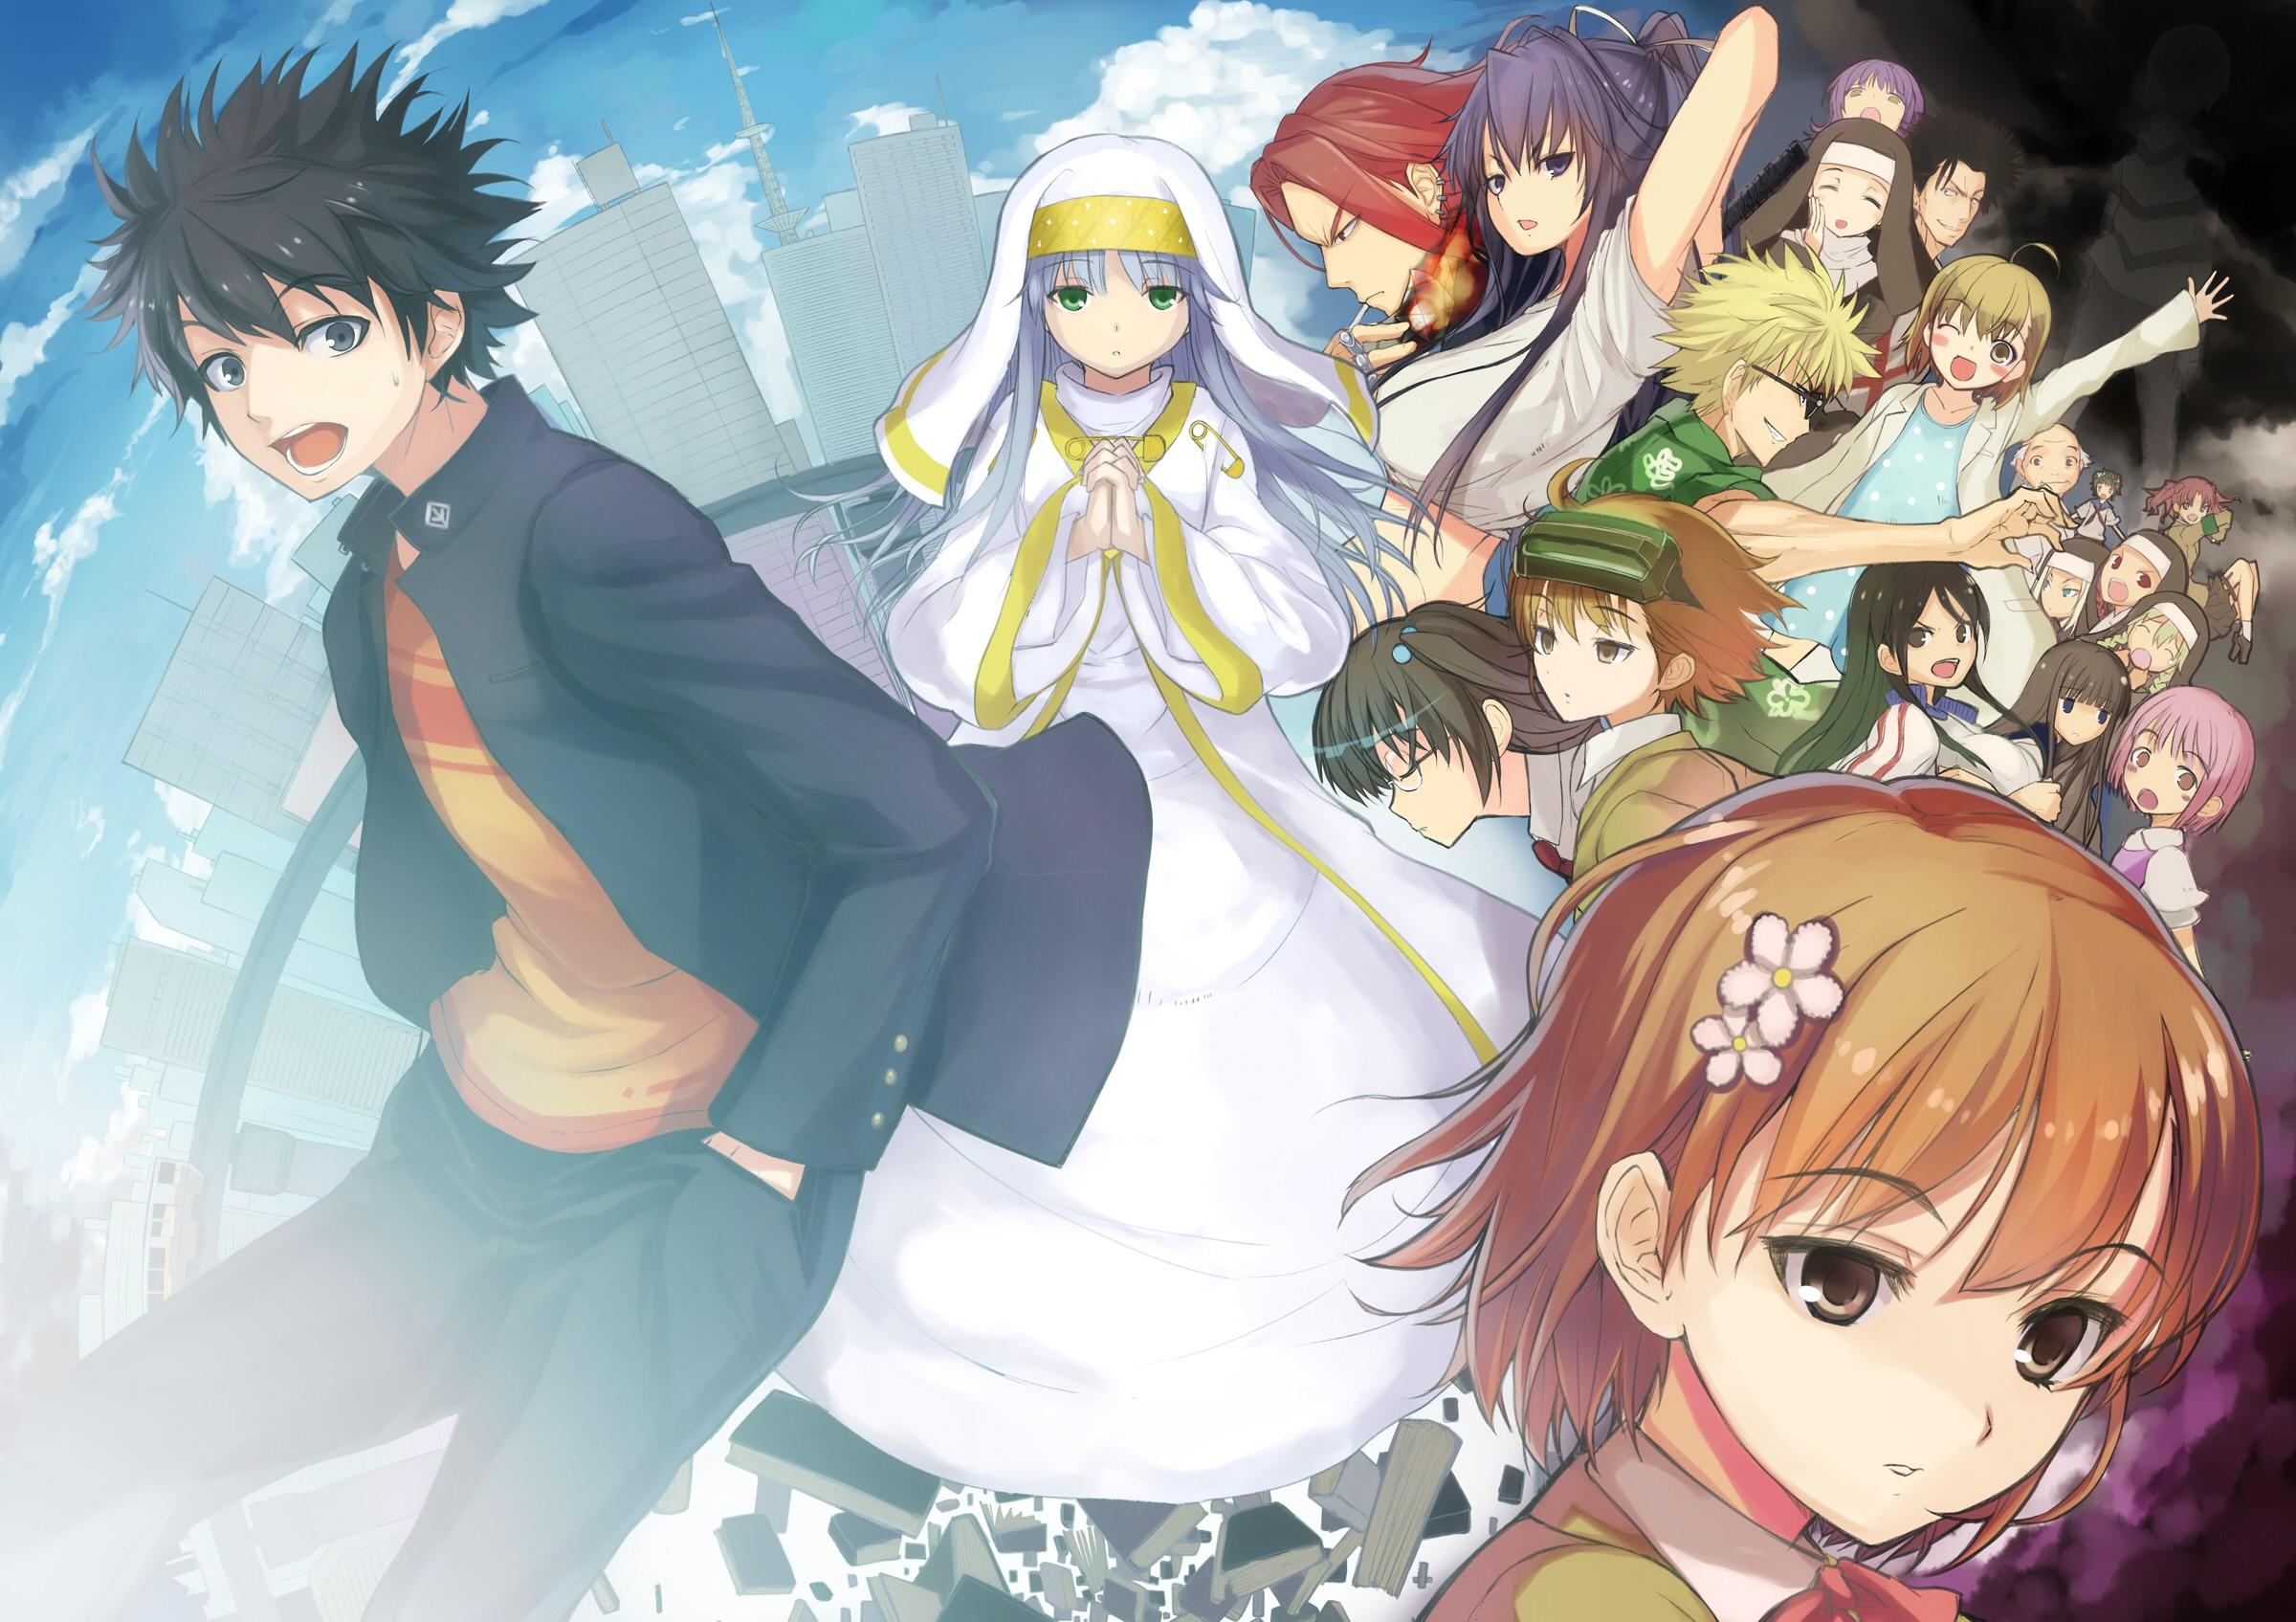 Index Librorum Prohibitorum Misaka Mikoto Nun Kanzaki Kaori Misaka Imouto Stiyl Magnus Kami HOT!!! Hết Sword Art Online, Overlord thì lại tới To Aru Majutsu Index rục rịch season mới!!! Phải chăng sắp các hãng Anime lớn chỉ đang chờ tới 2018???